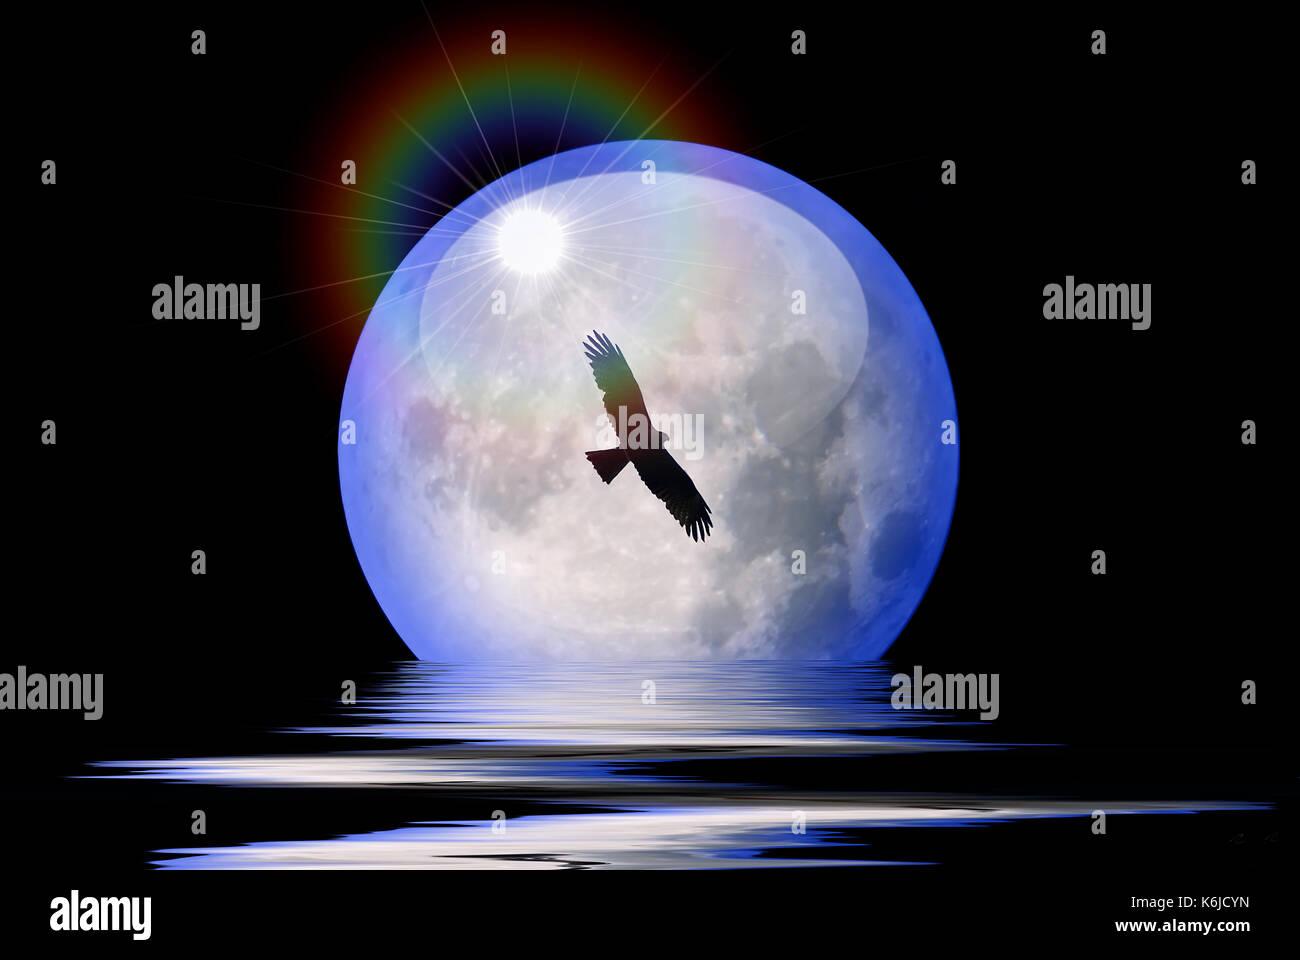 illustration-silhouette-of-bird-flying-i